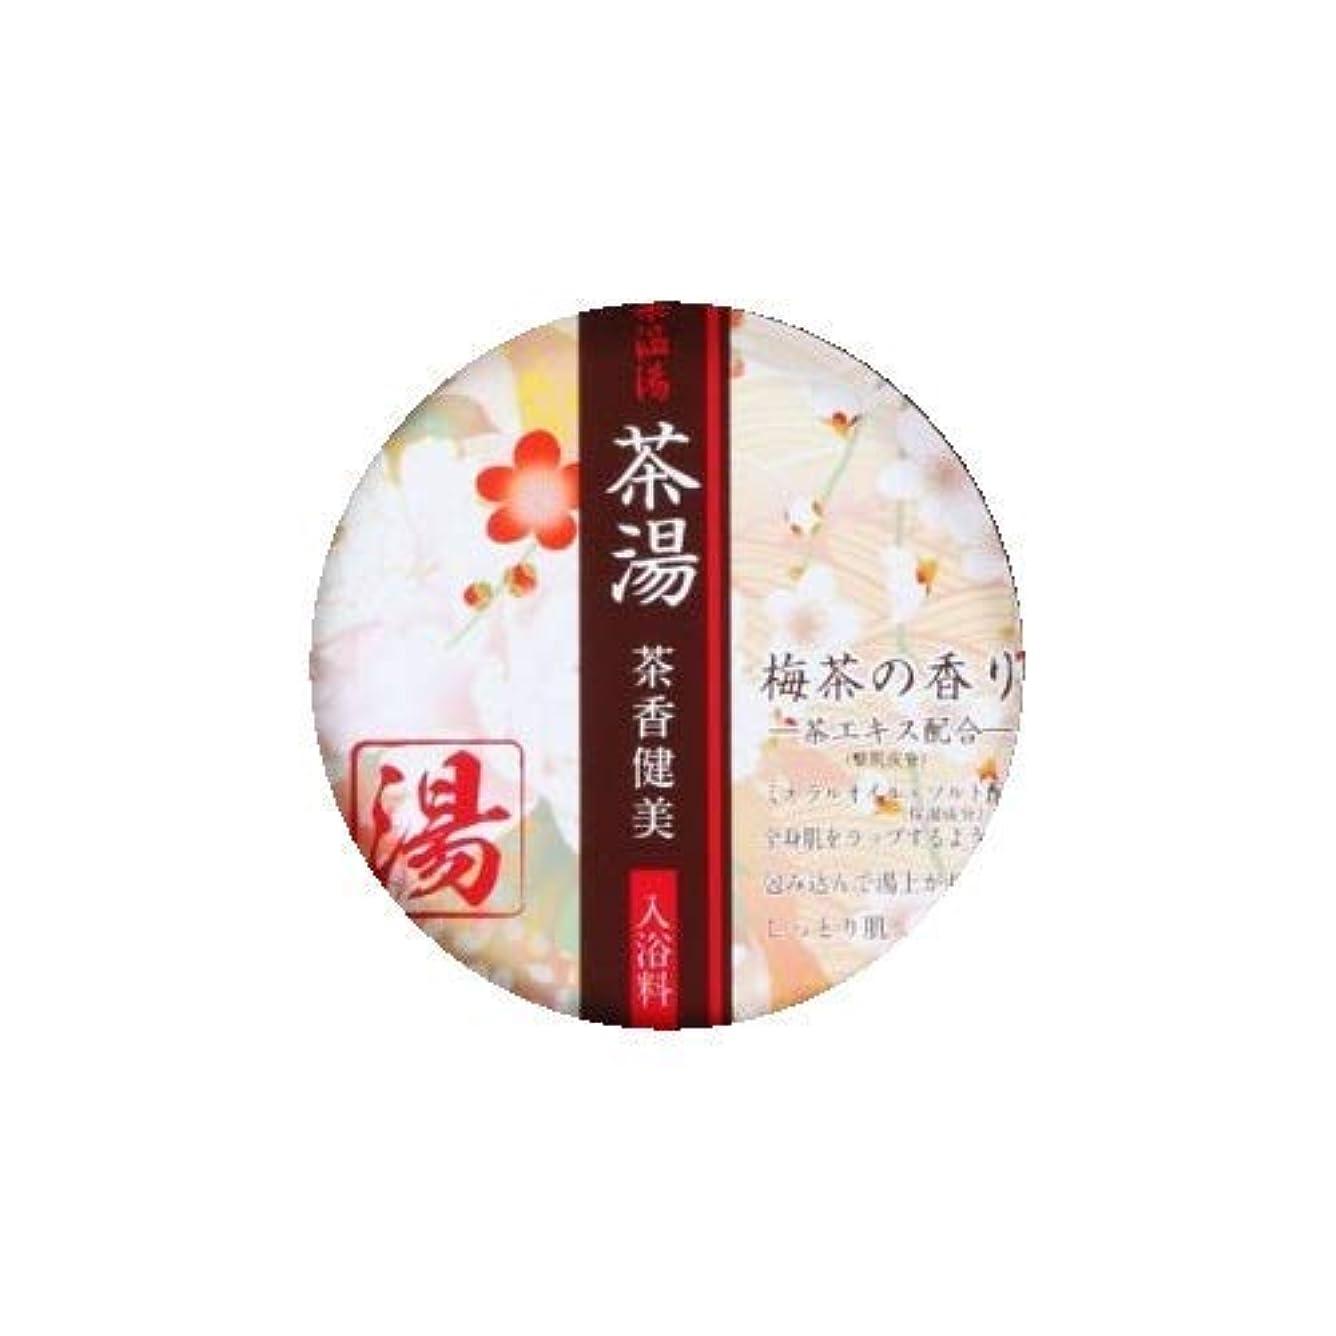 モジュールシャワーすすり泣き薬温湯 茶湯 入浴料 梅茶の香り POF-10U